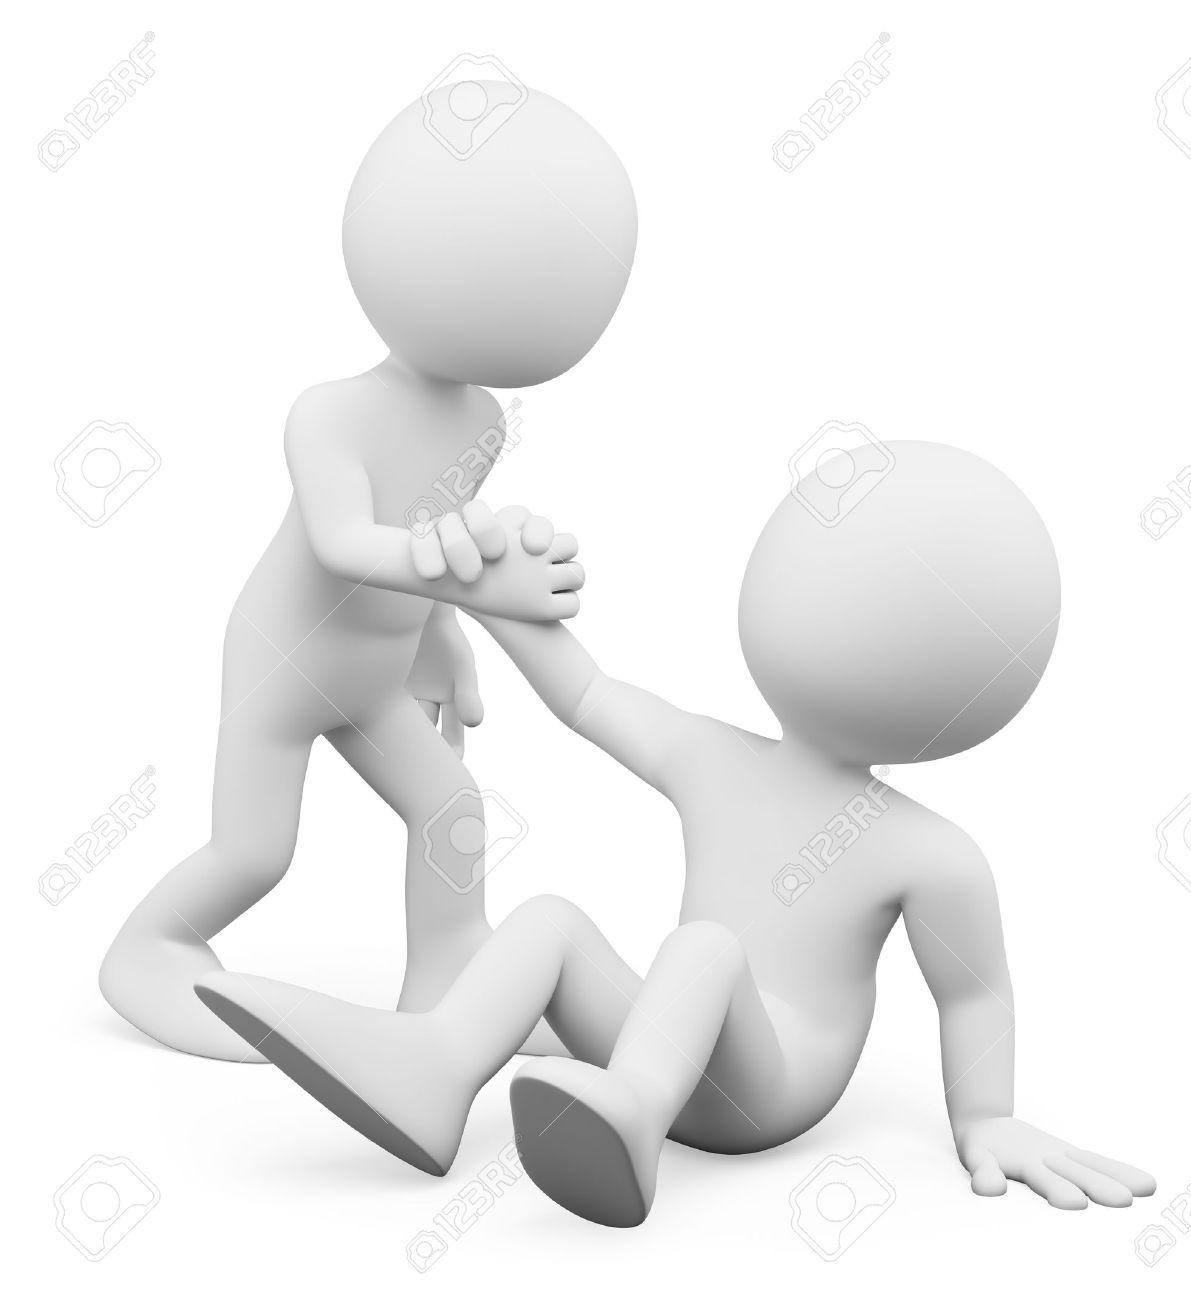 37098752-3d-gente-blanca-hombre-ayudar-a-un-compañero-para-arriba-concepto-de-la-comunión-fondo-blanco-aislado-.jpg